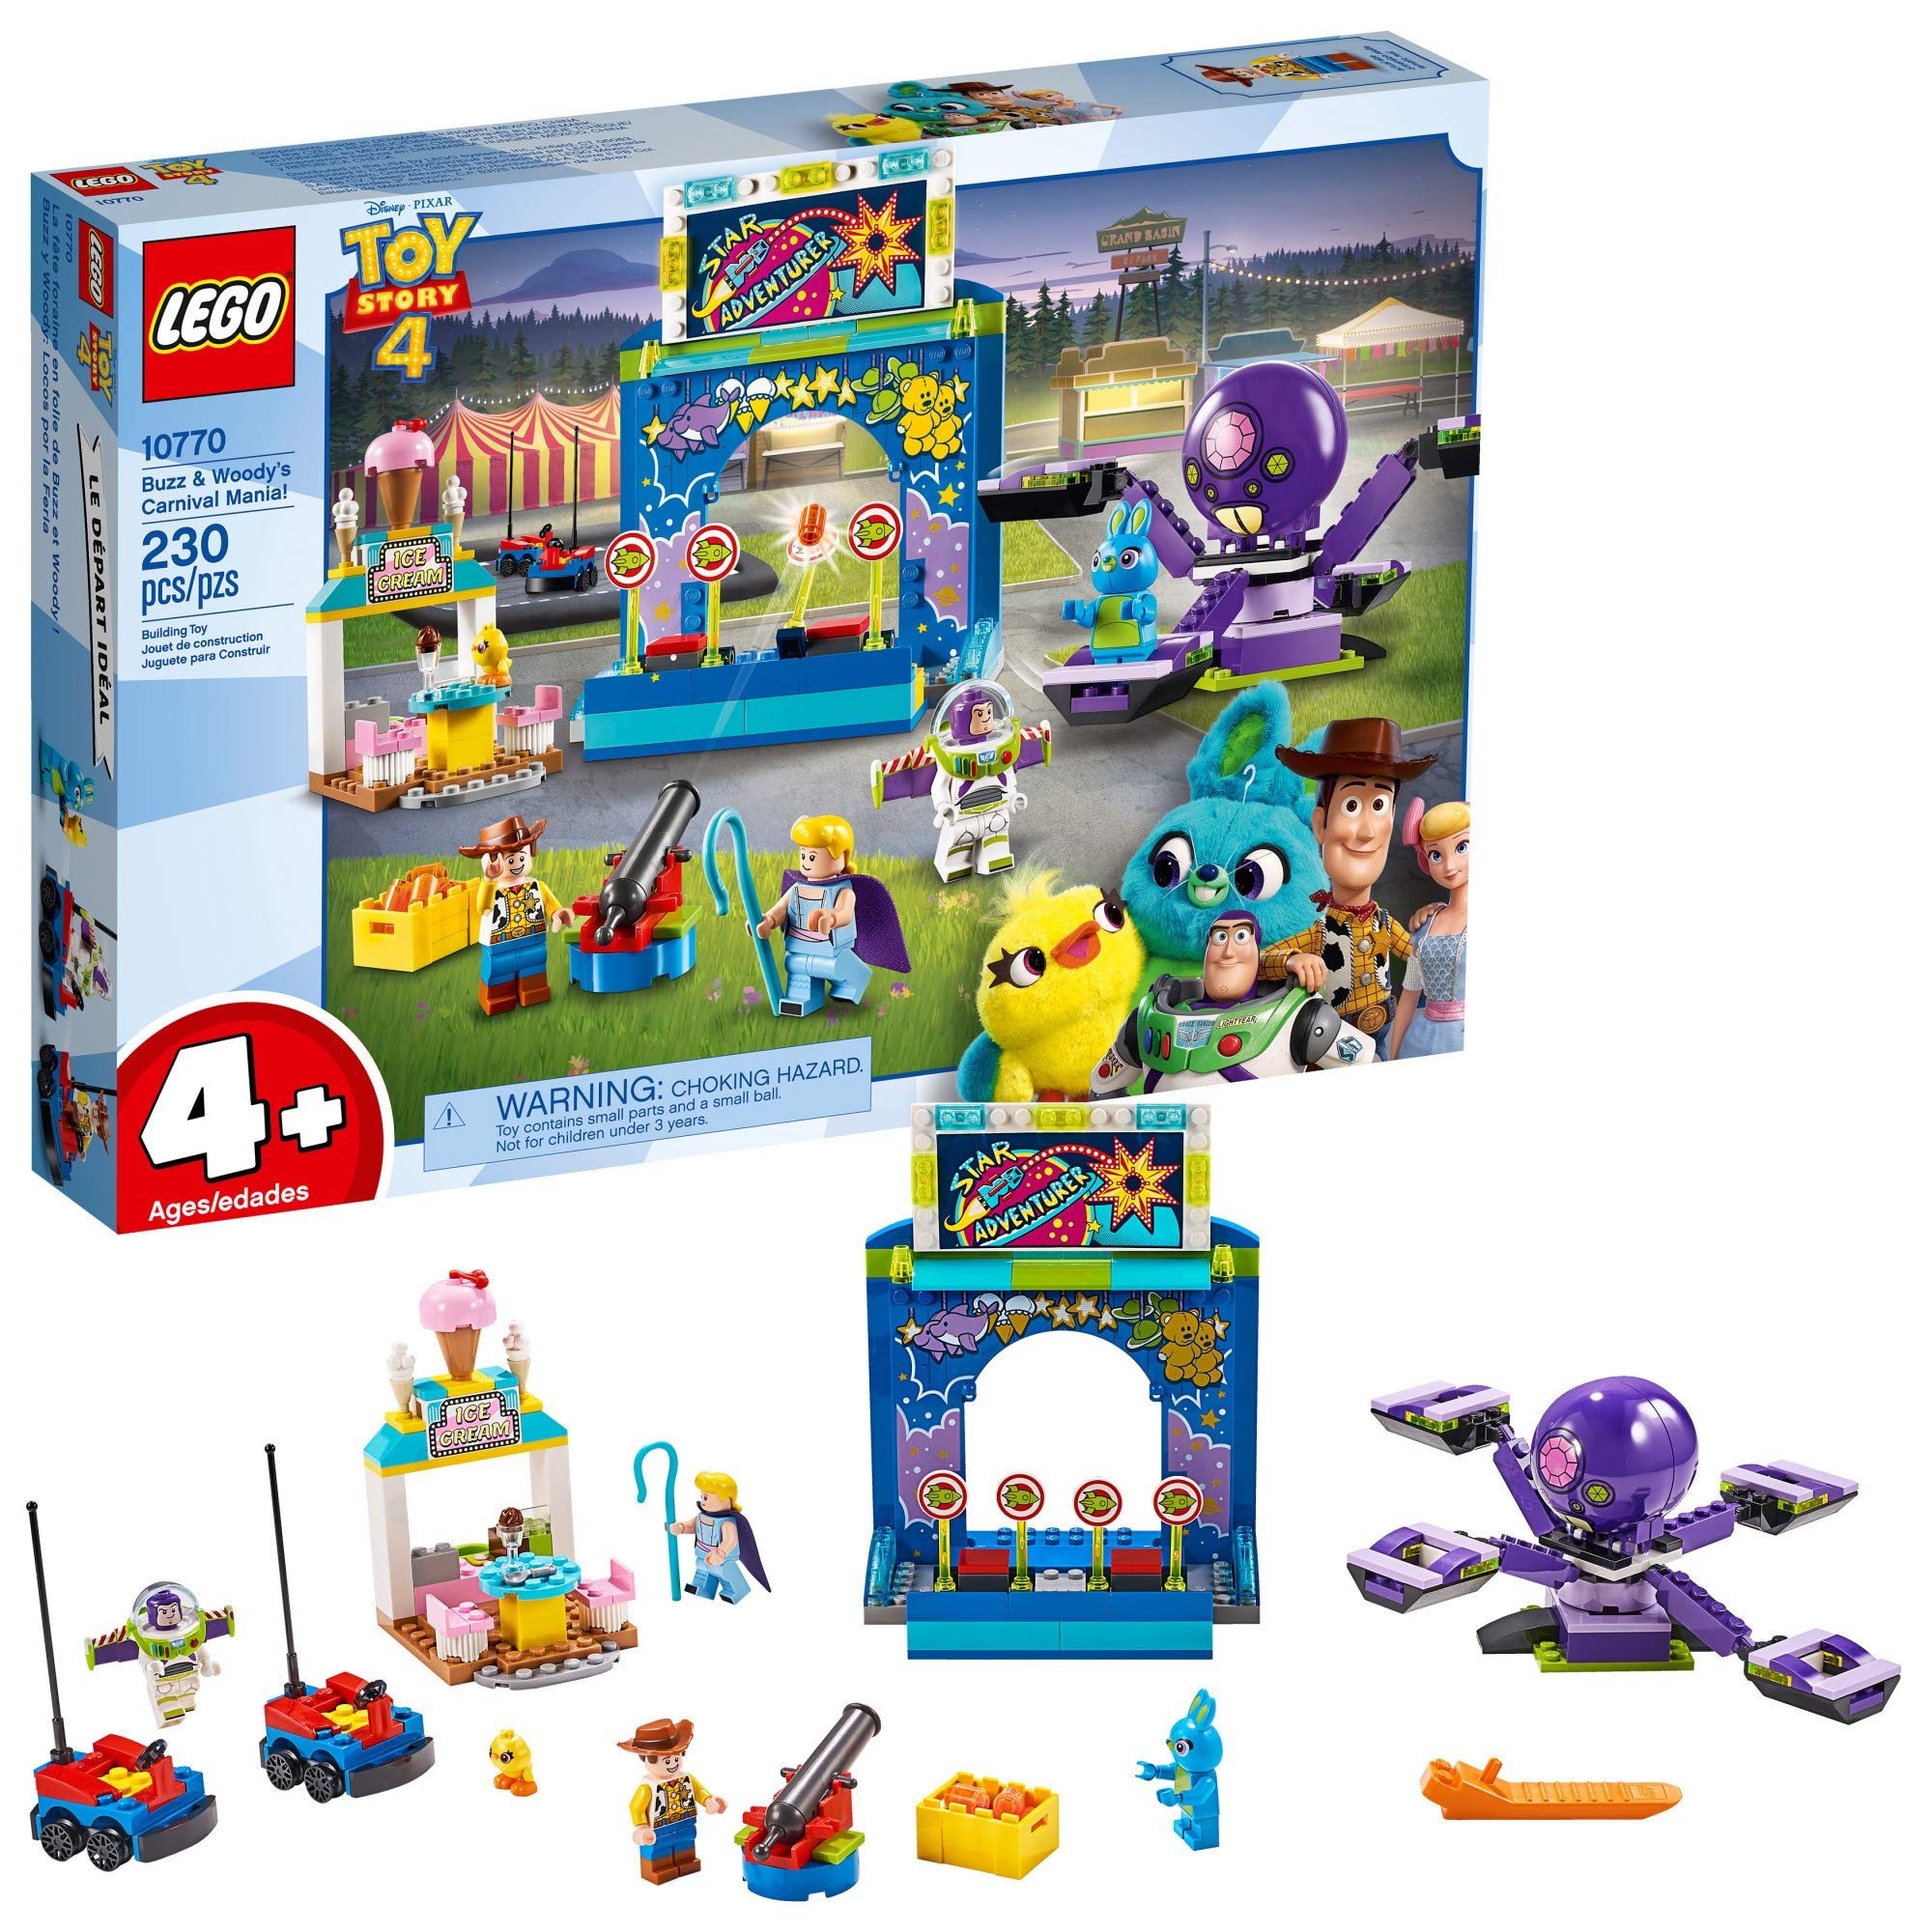 LEGO | Disney Pixar's Toy Story 4 Buzz & Woody's Carnival Mania 10770 Building Kit, New 2019 (230 Piece)